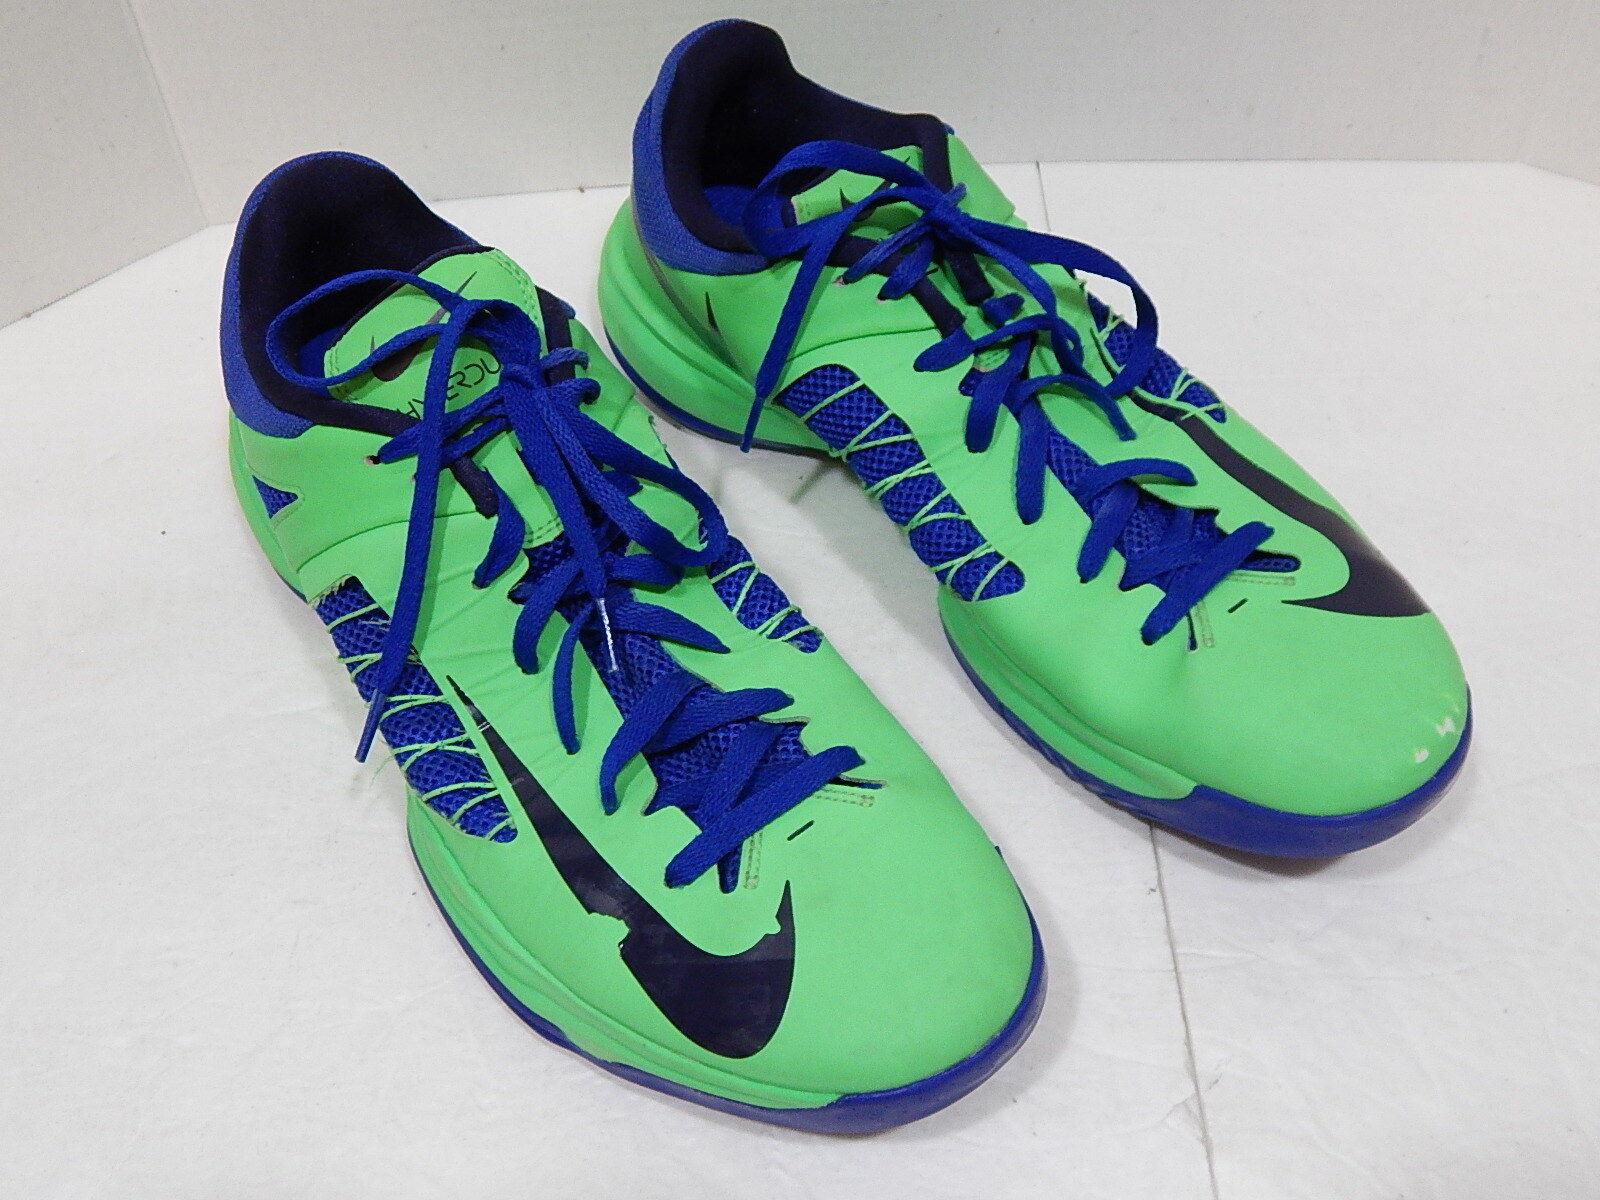 Bei nike hyperdunk grüne schuhe niedrigen top gift grüne hyperdunk hyper - blauen größe 15. 09eda2